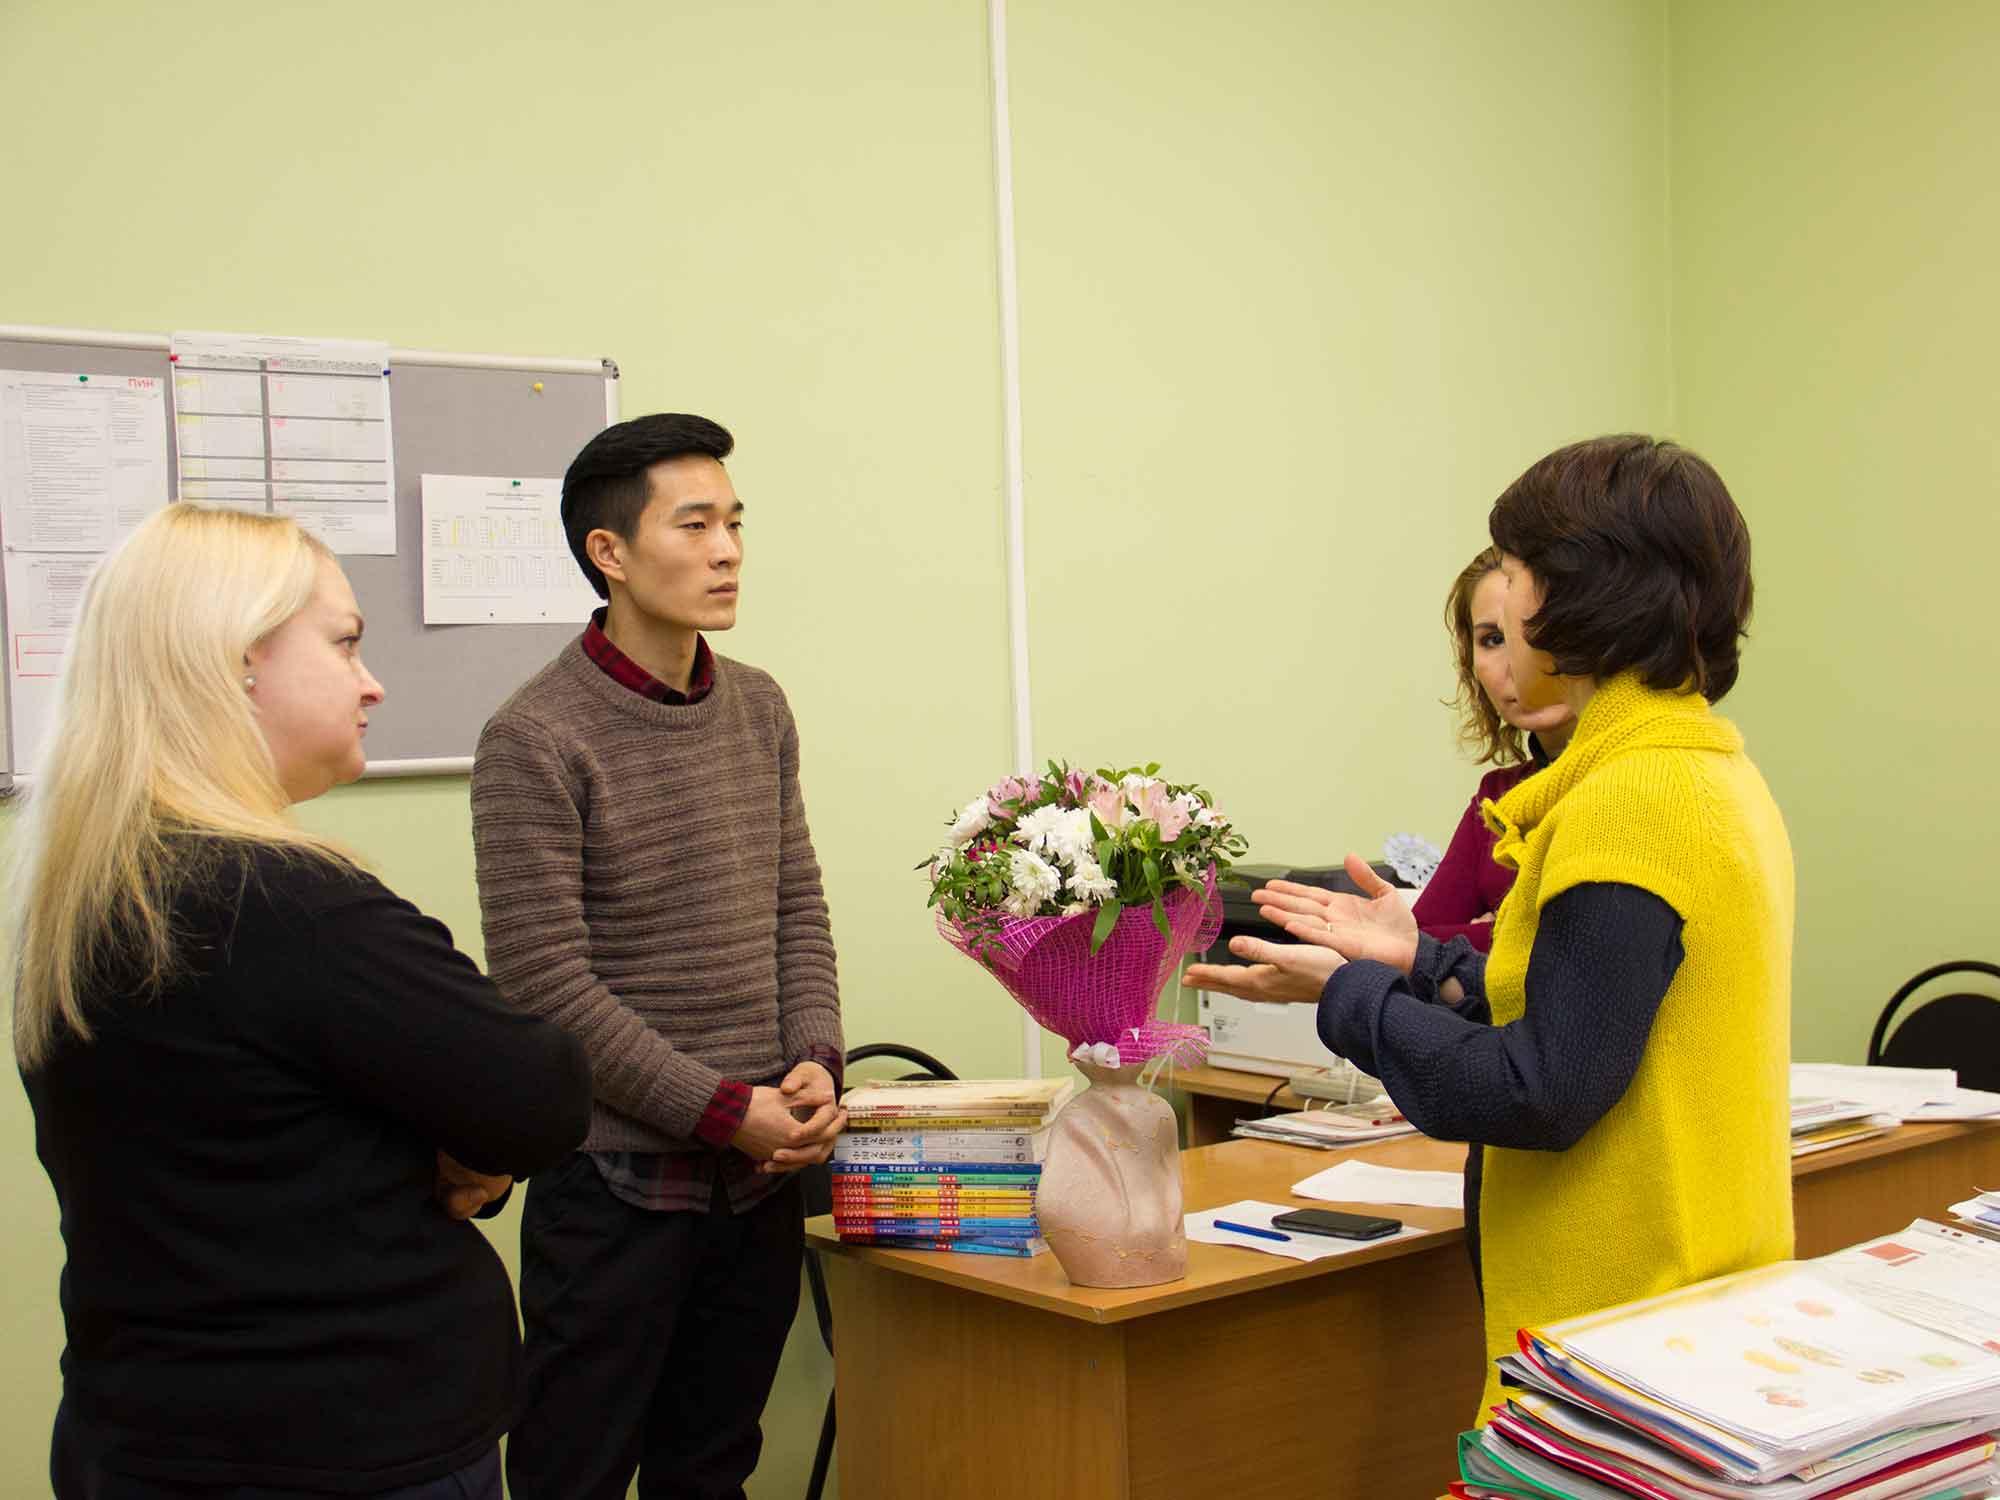 В Нижний Новгород приехал преподаватель китайского языка Ли Дун